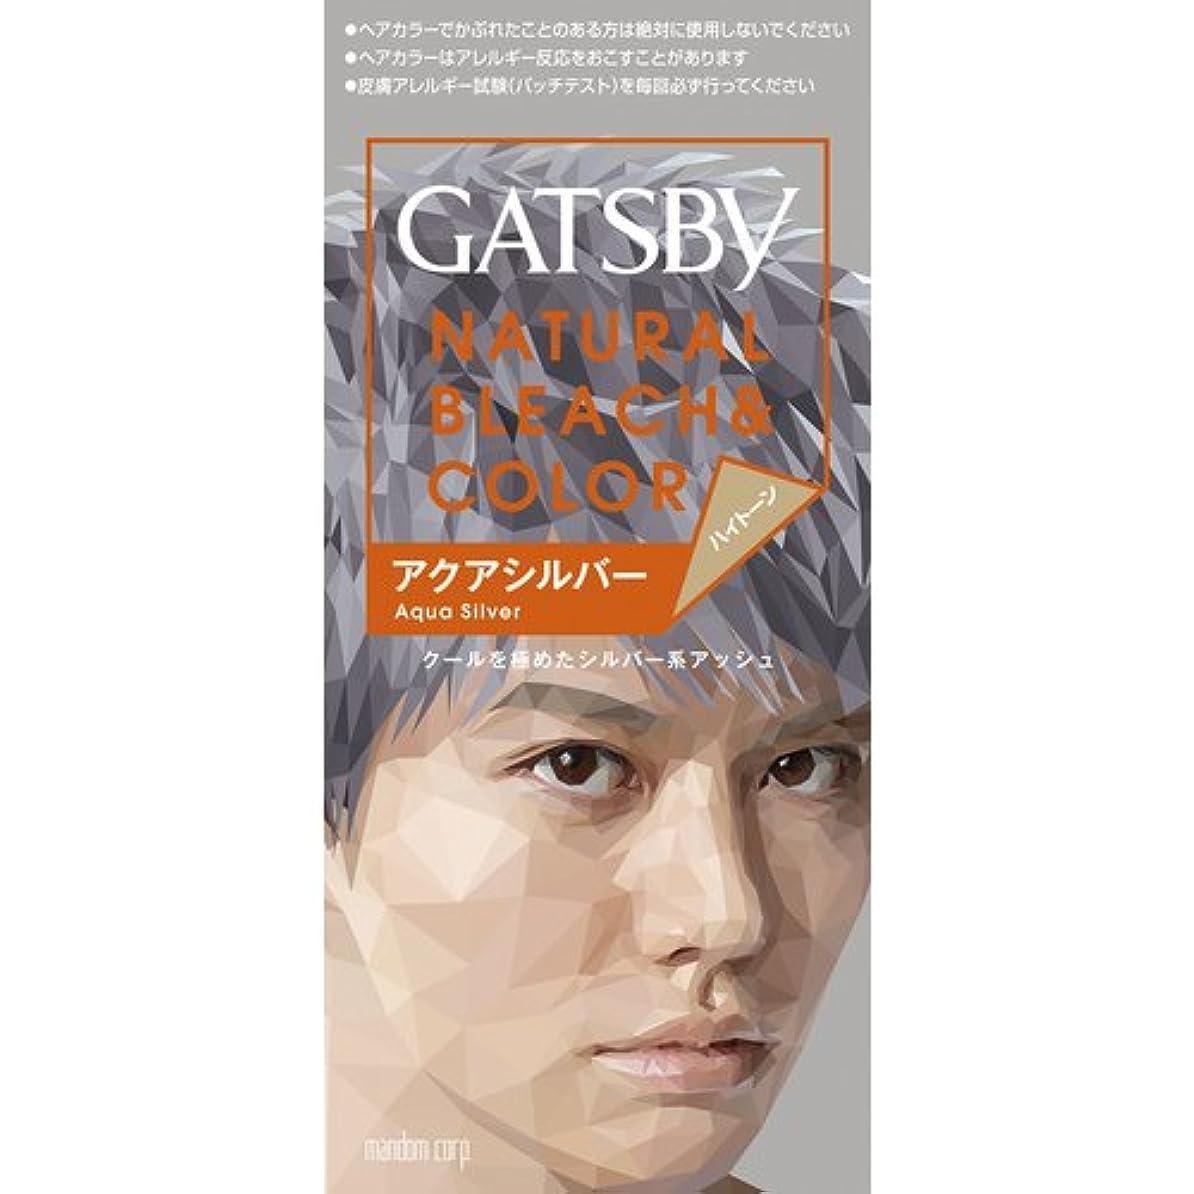 複雑な安定ダンプギャツビー(GATSBY) ナチュラルブリーチカラー アクアシルバー 35g+70ml [医薬部外品]